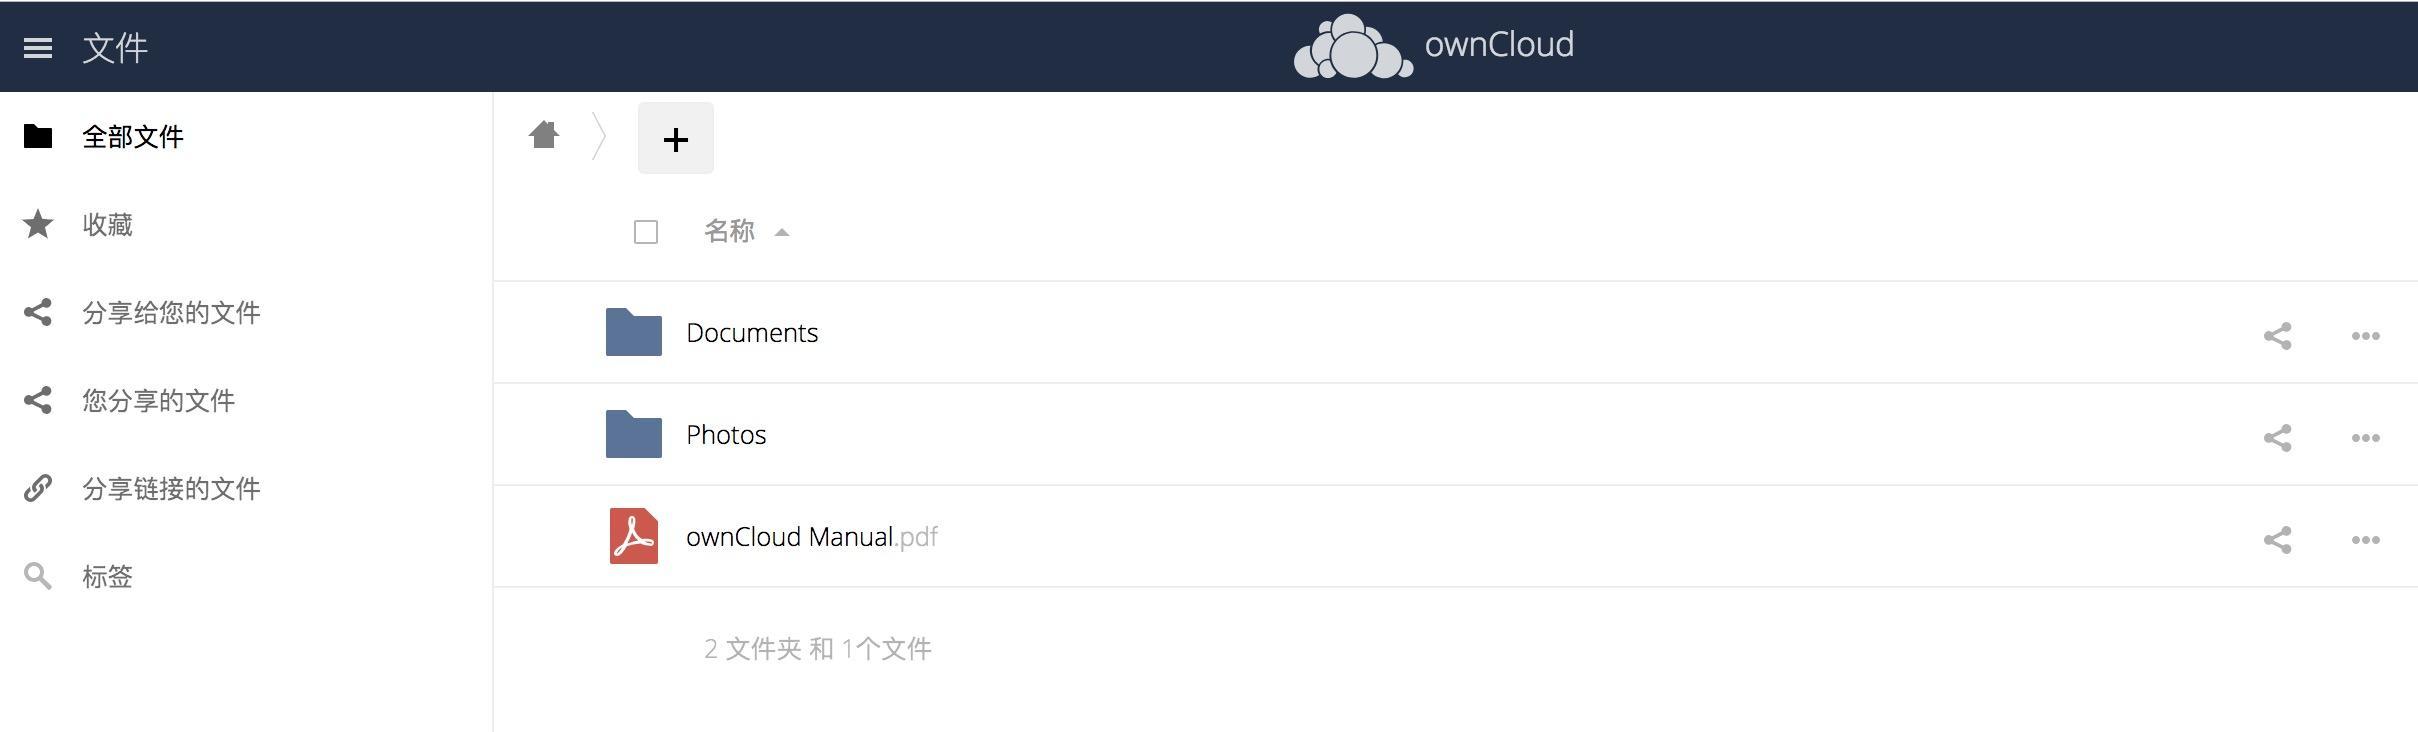 使用owncloud搭建属于自己的云盘